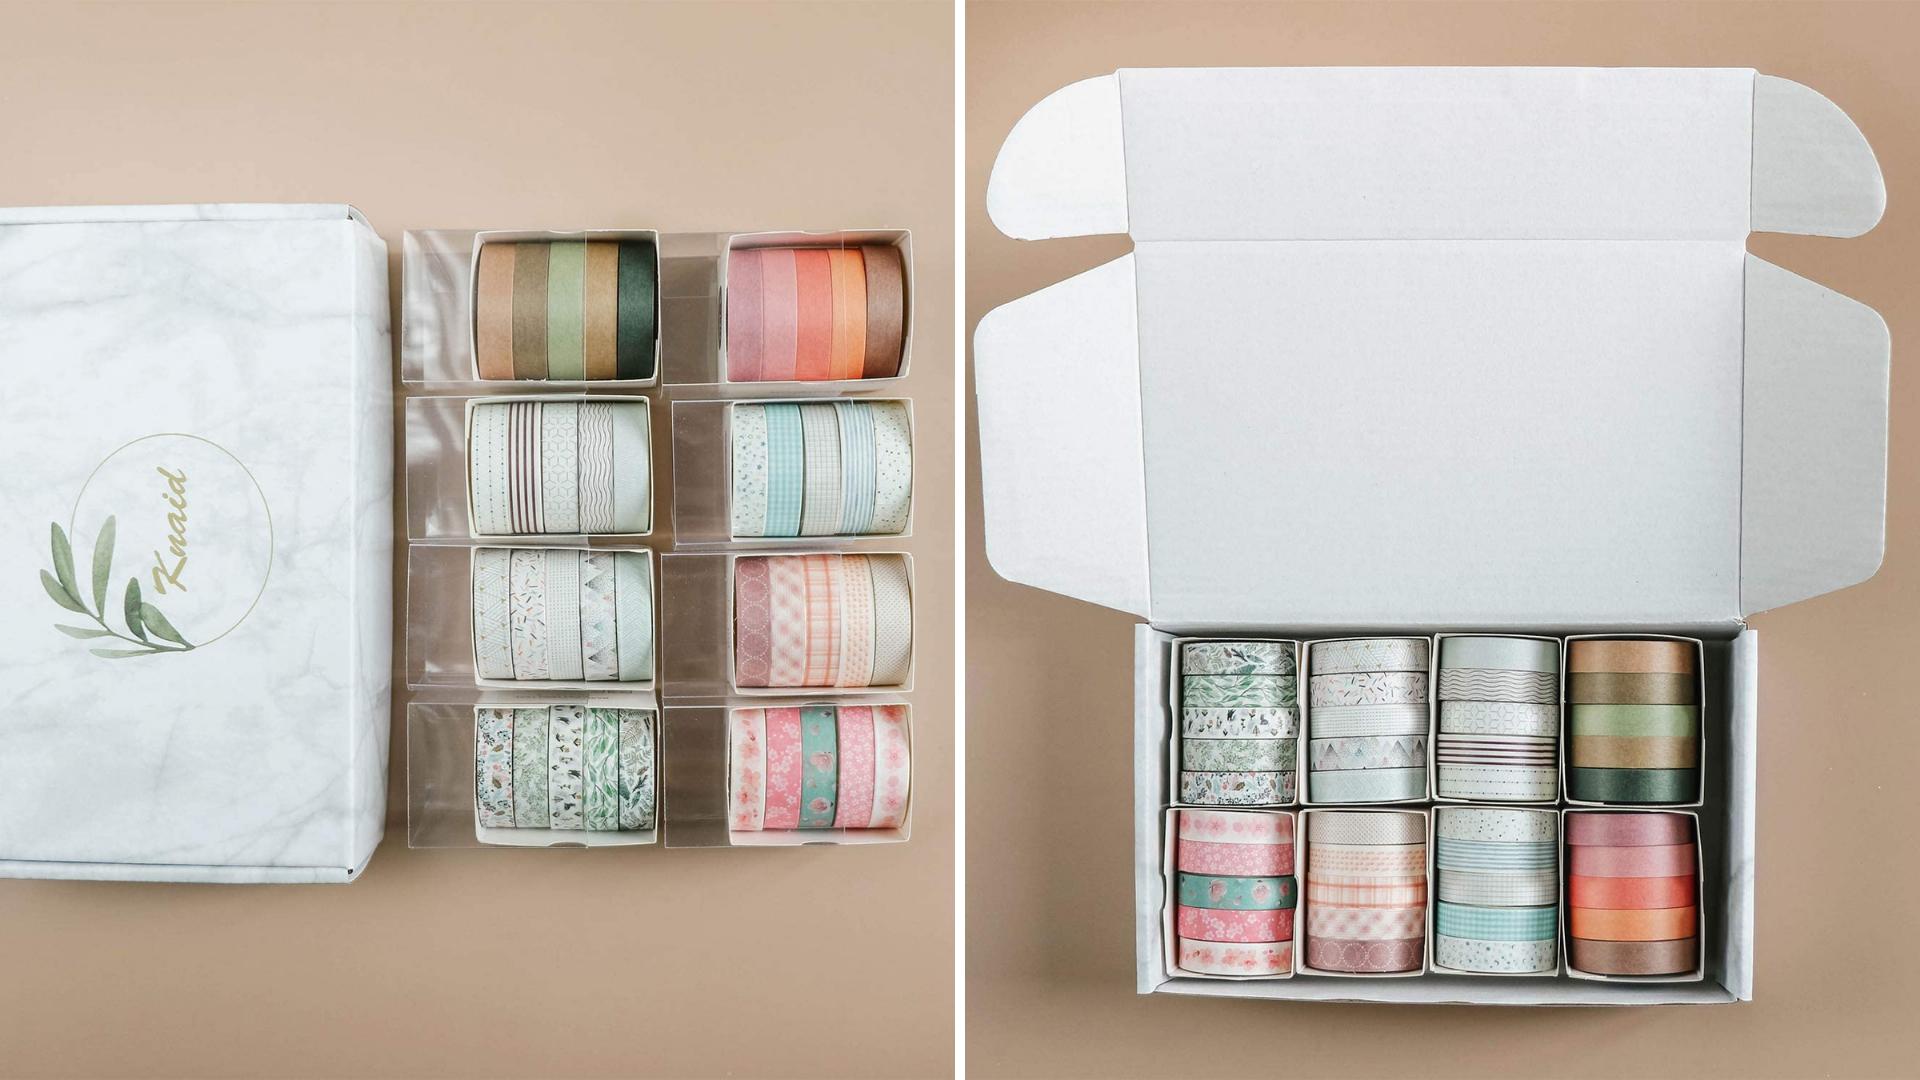 Plusieurs rouleaux de ruban washi sont dans une boîte.